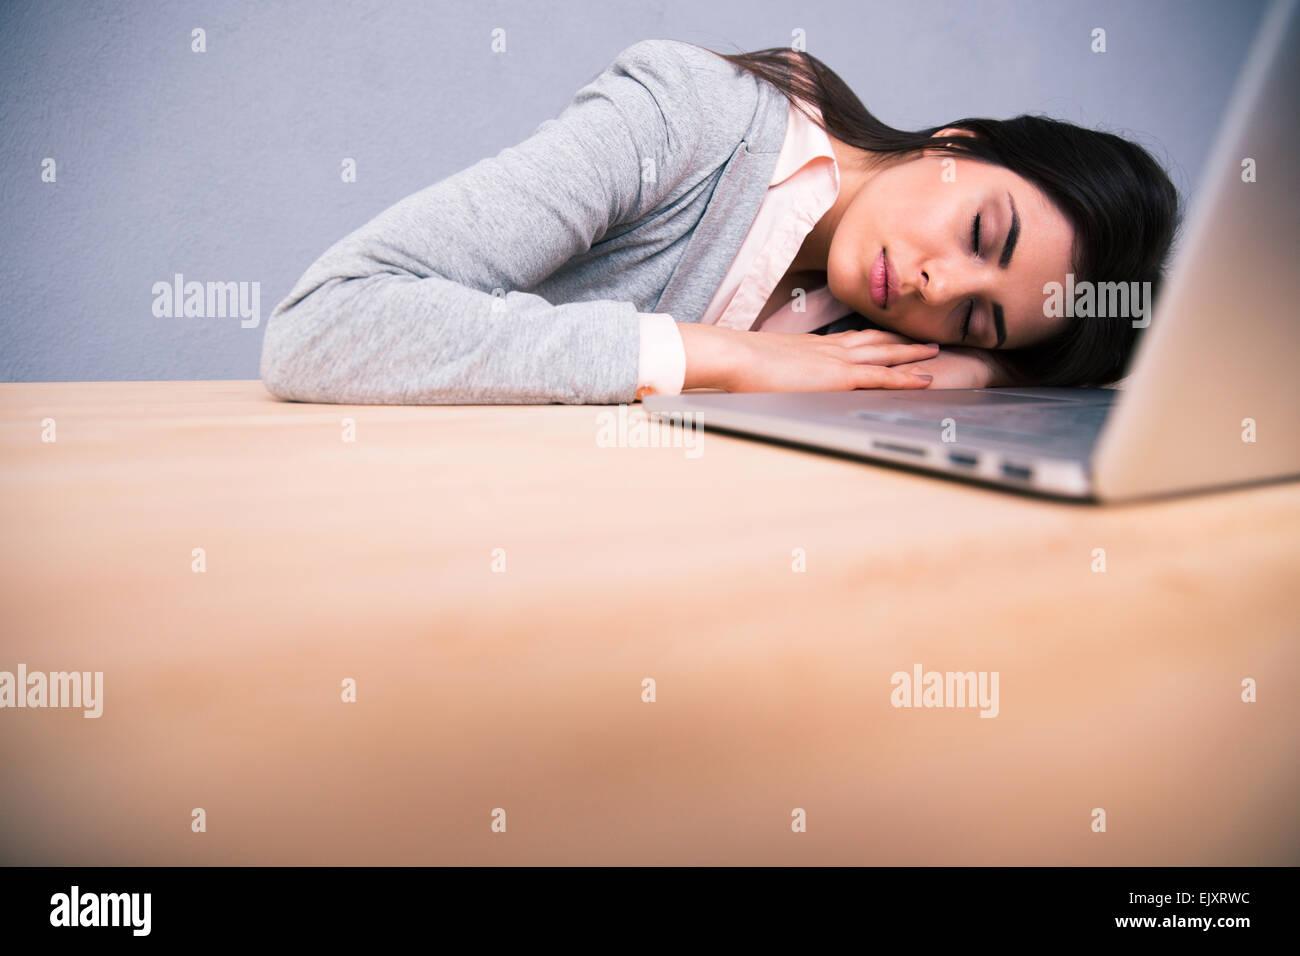 Jeune jolie femme dormir sur la table with laptop Photo Stock